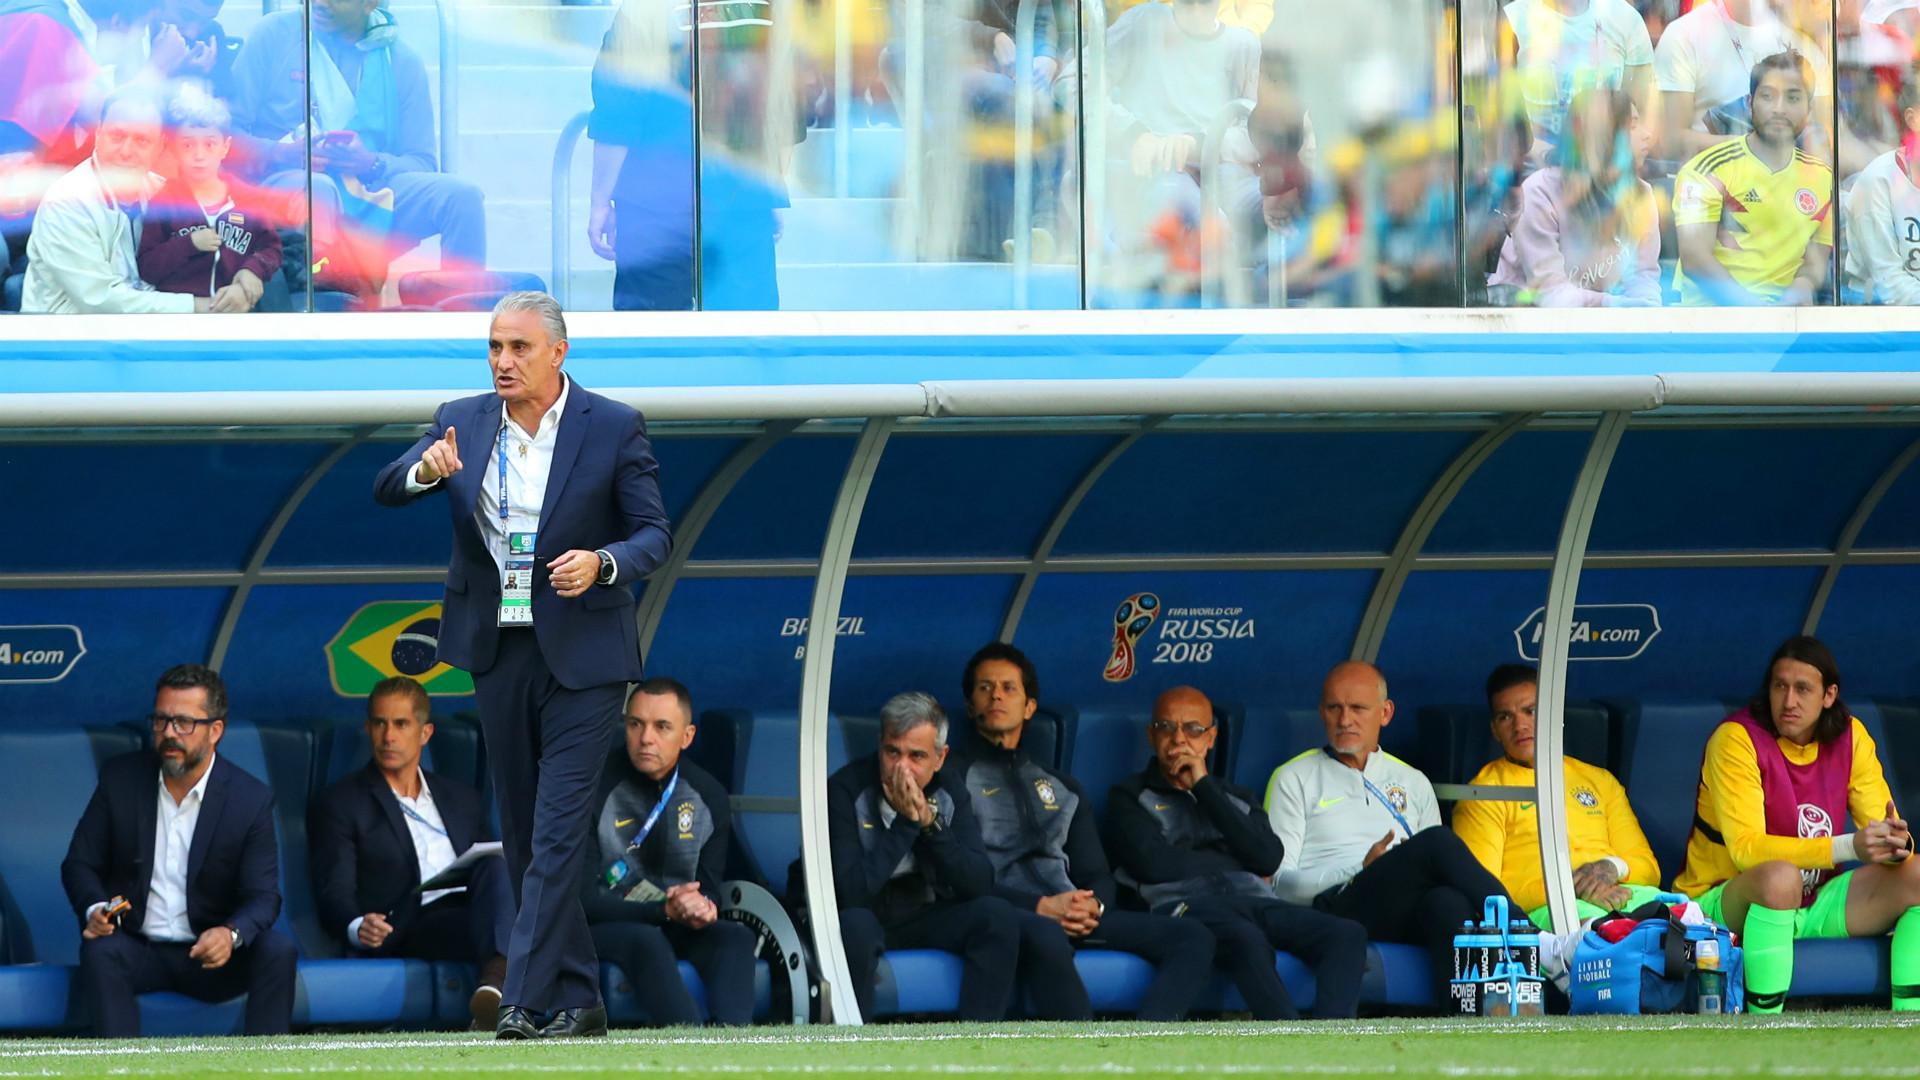 Tite Brazil vs Costa Rica World Cup 2018